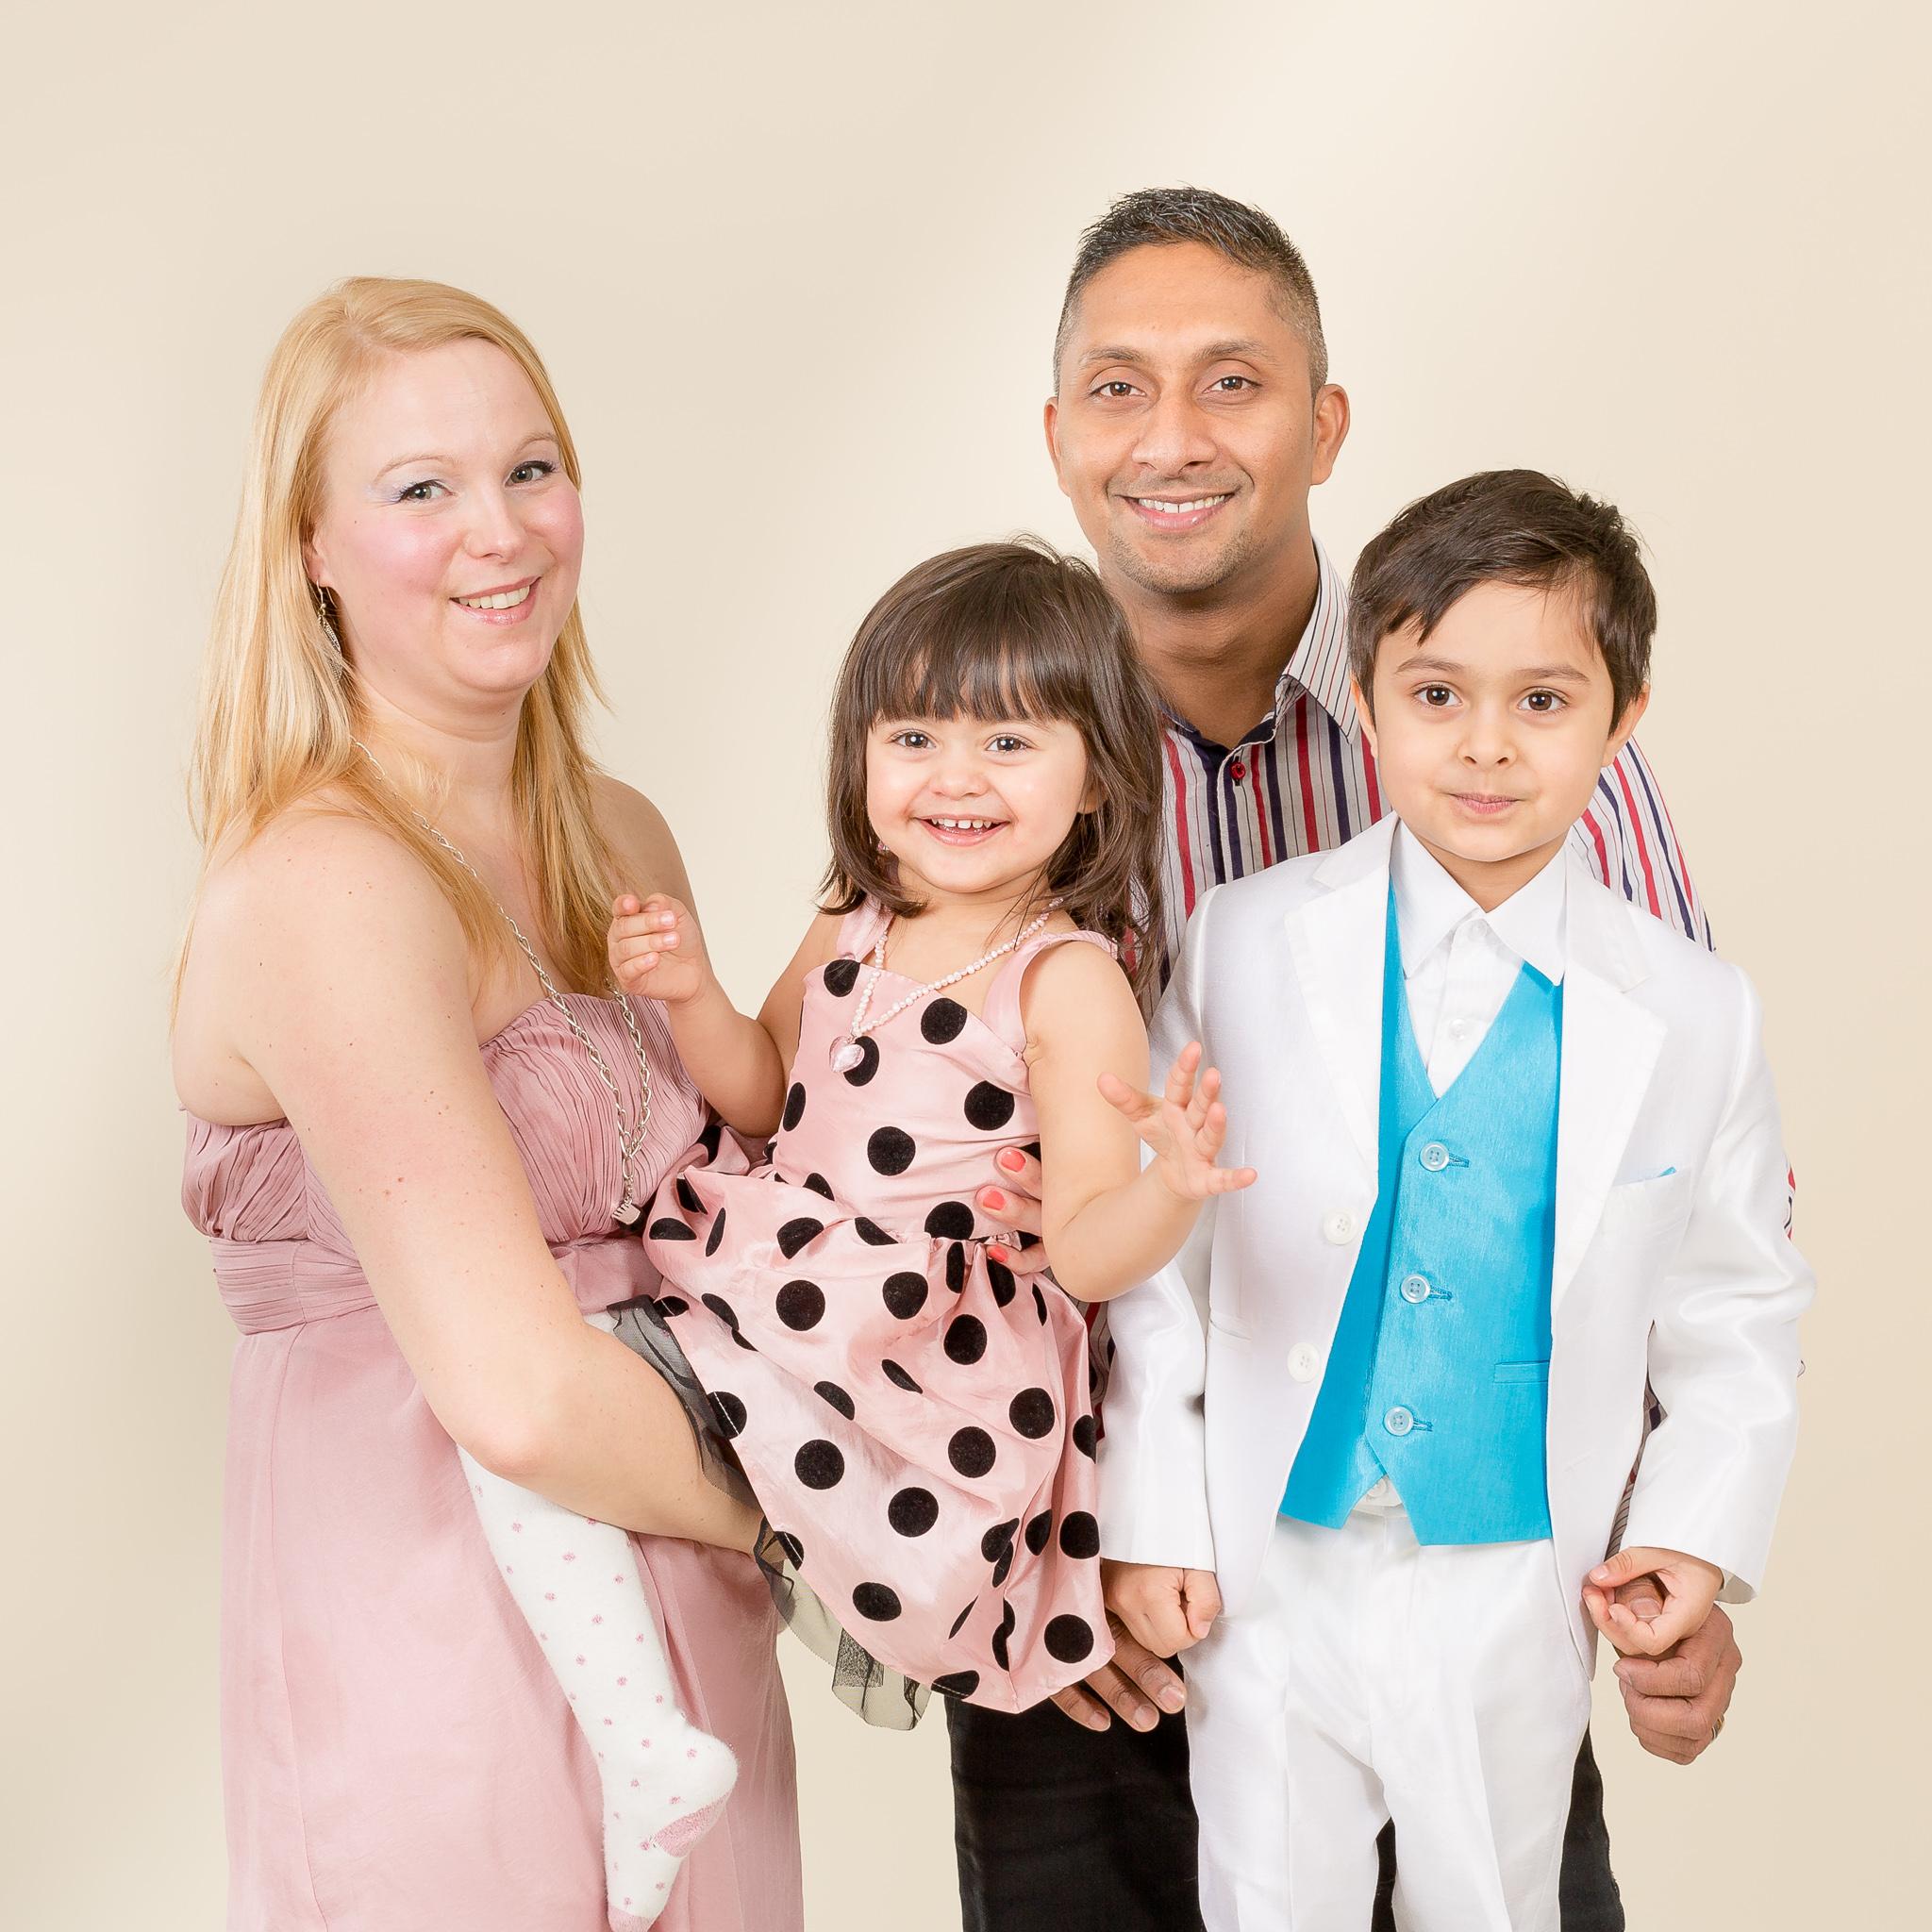 Familj - 999 kr